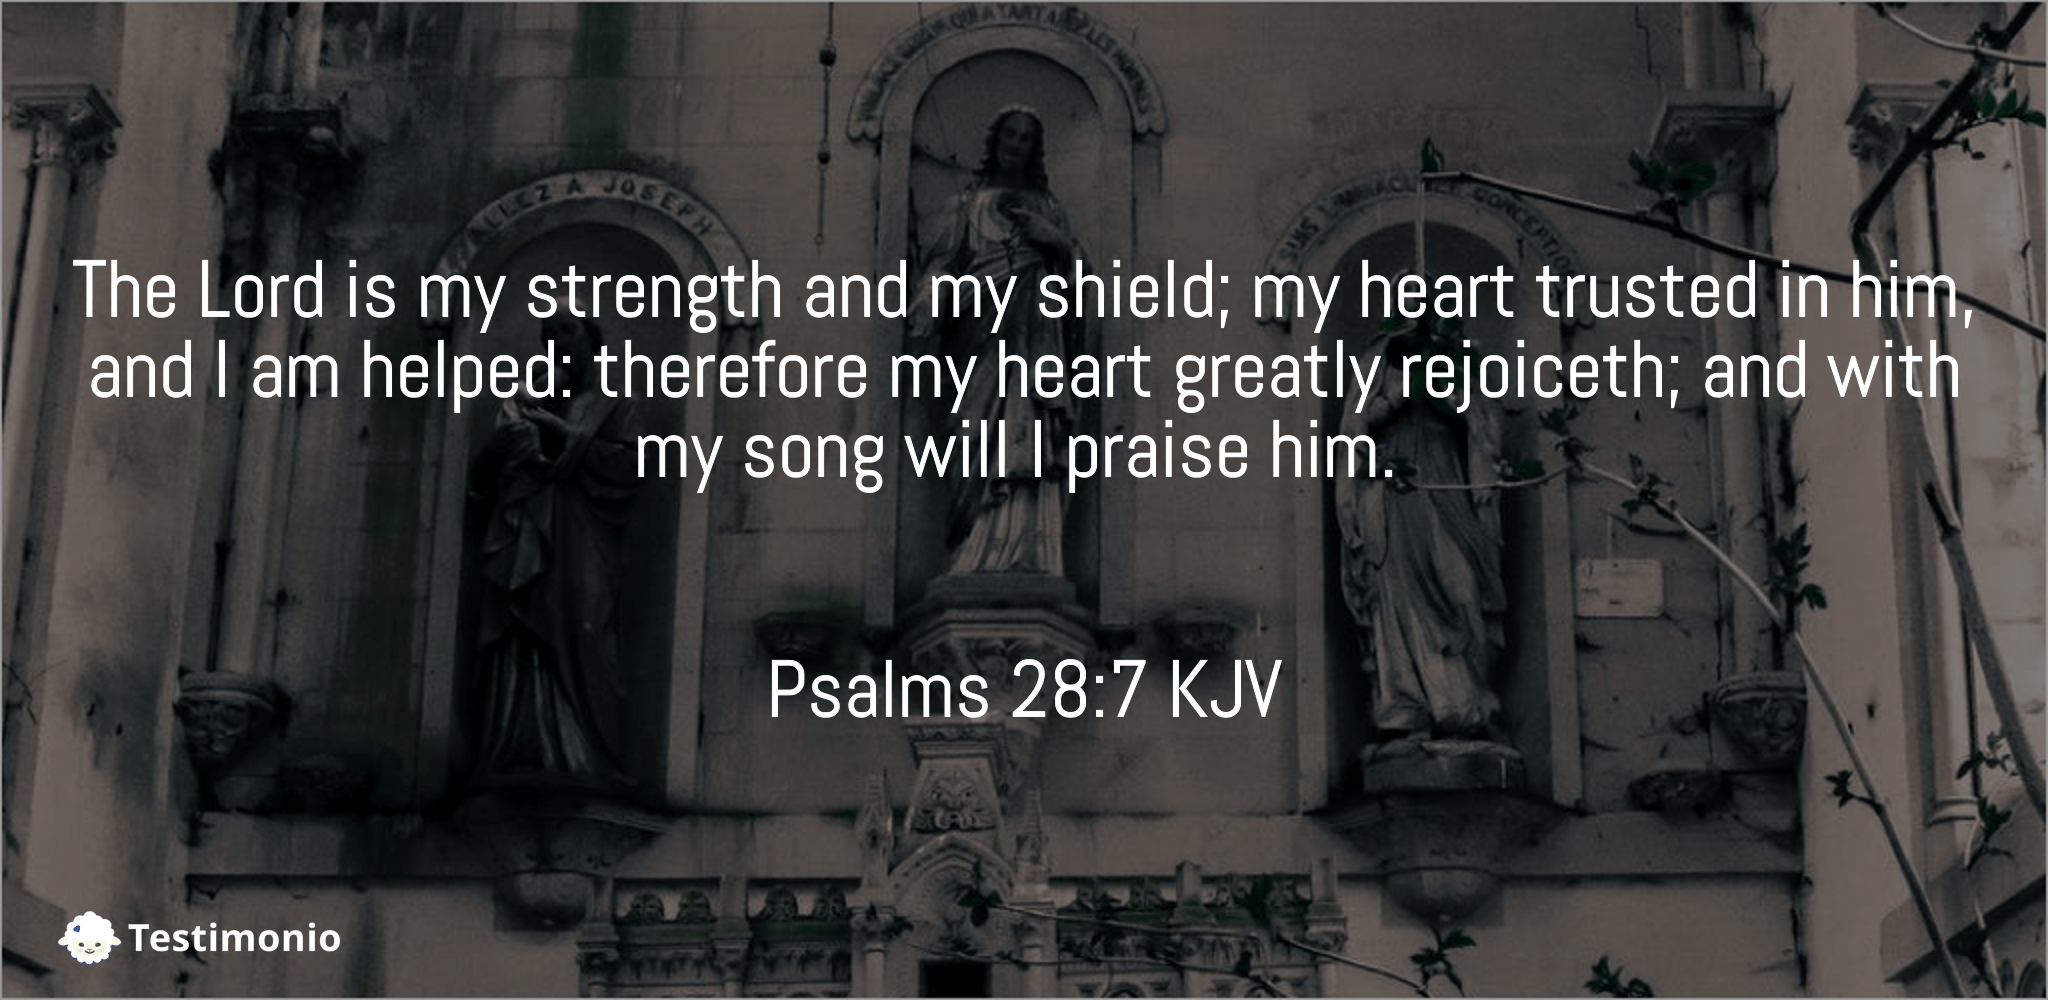 Psalms 28:7